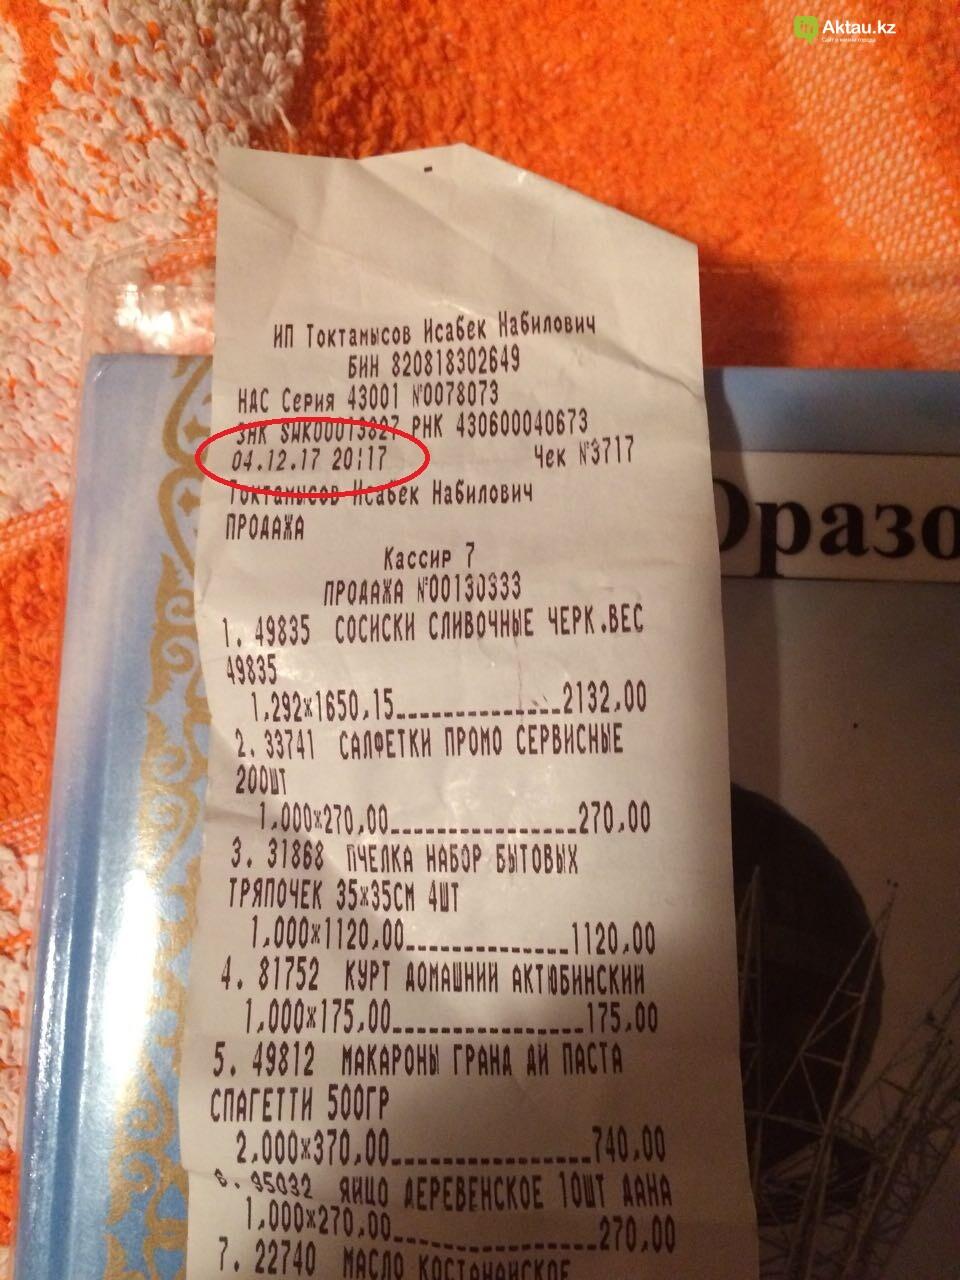 Маринованные огурцы с червями купила жительница Актау в супермаркете, фото-2